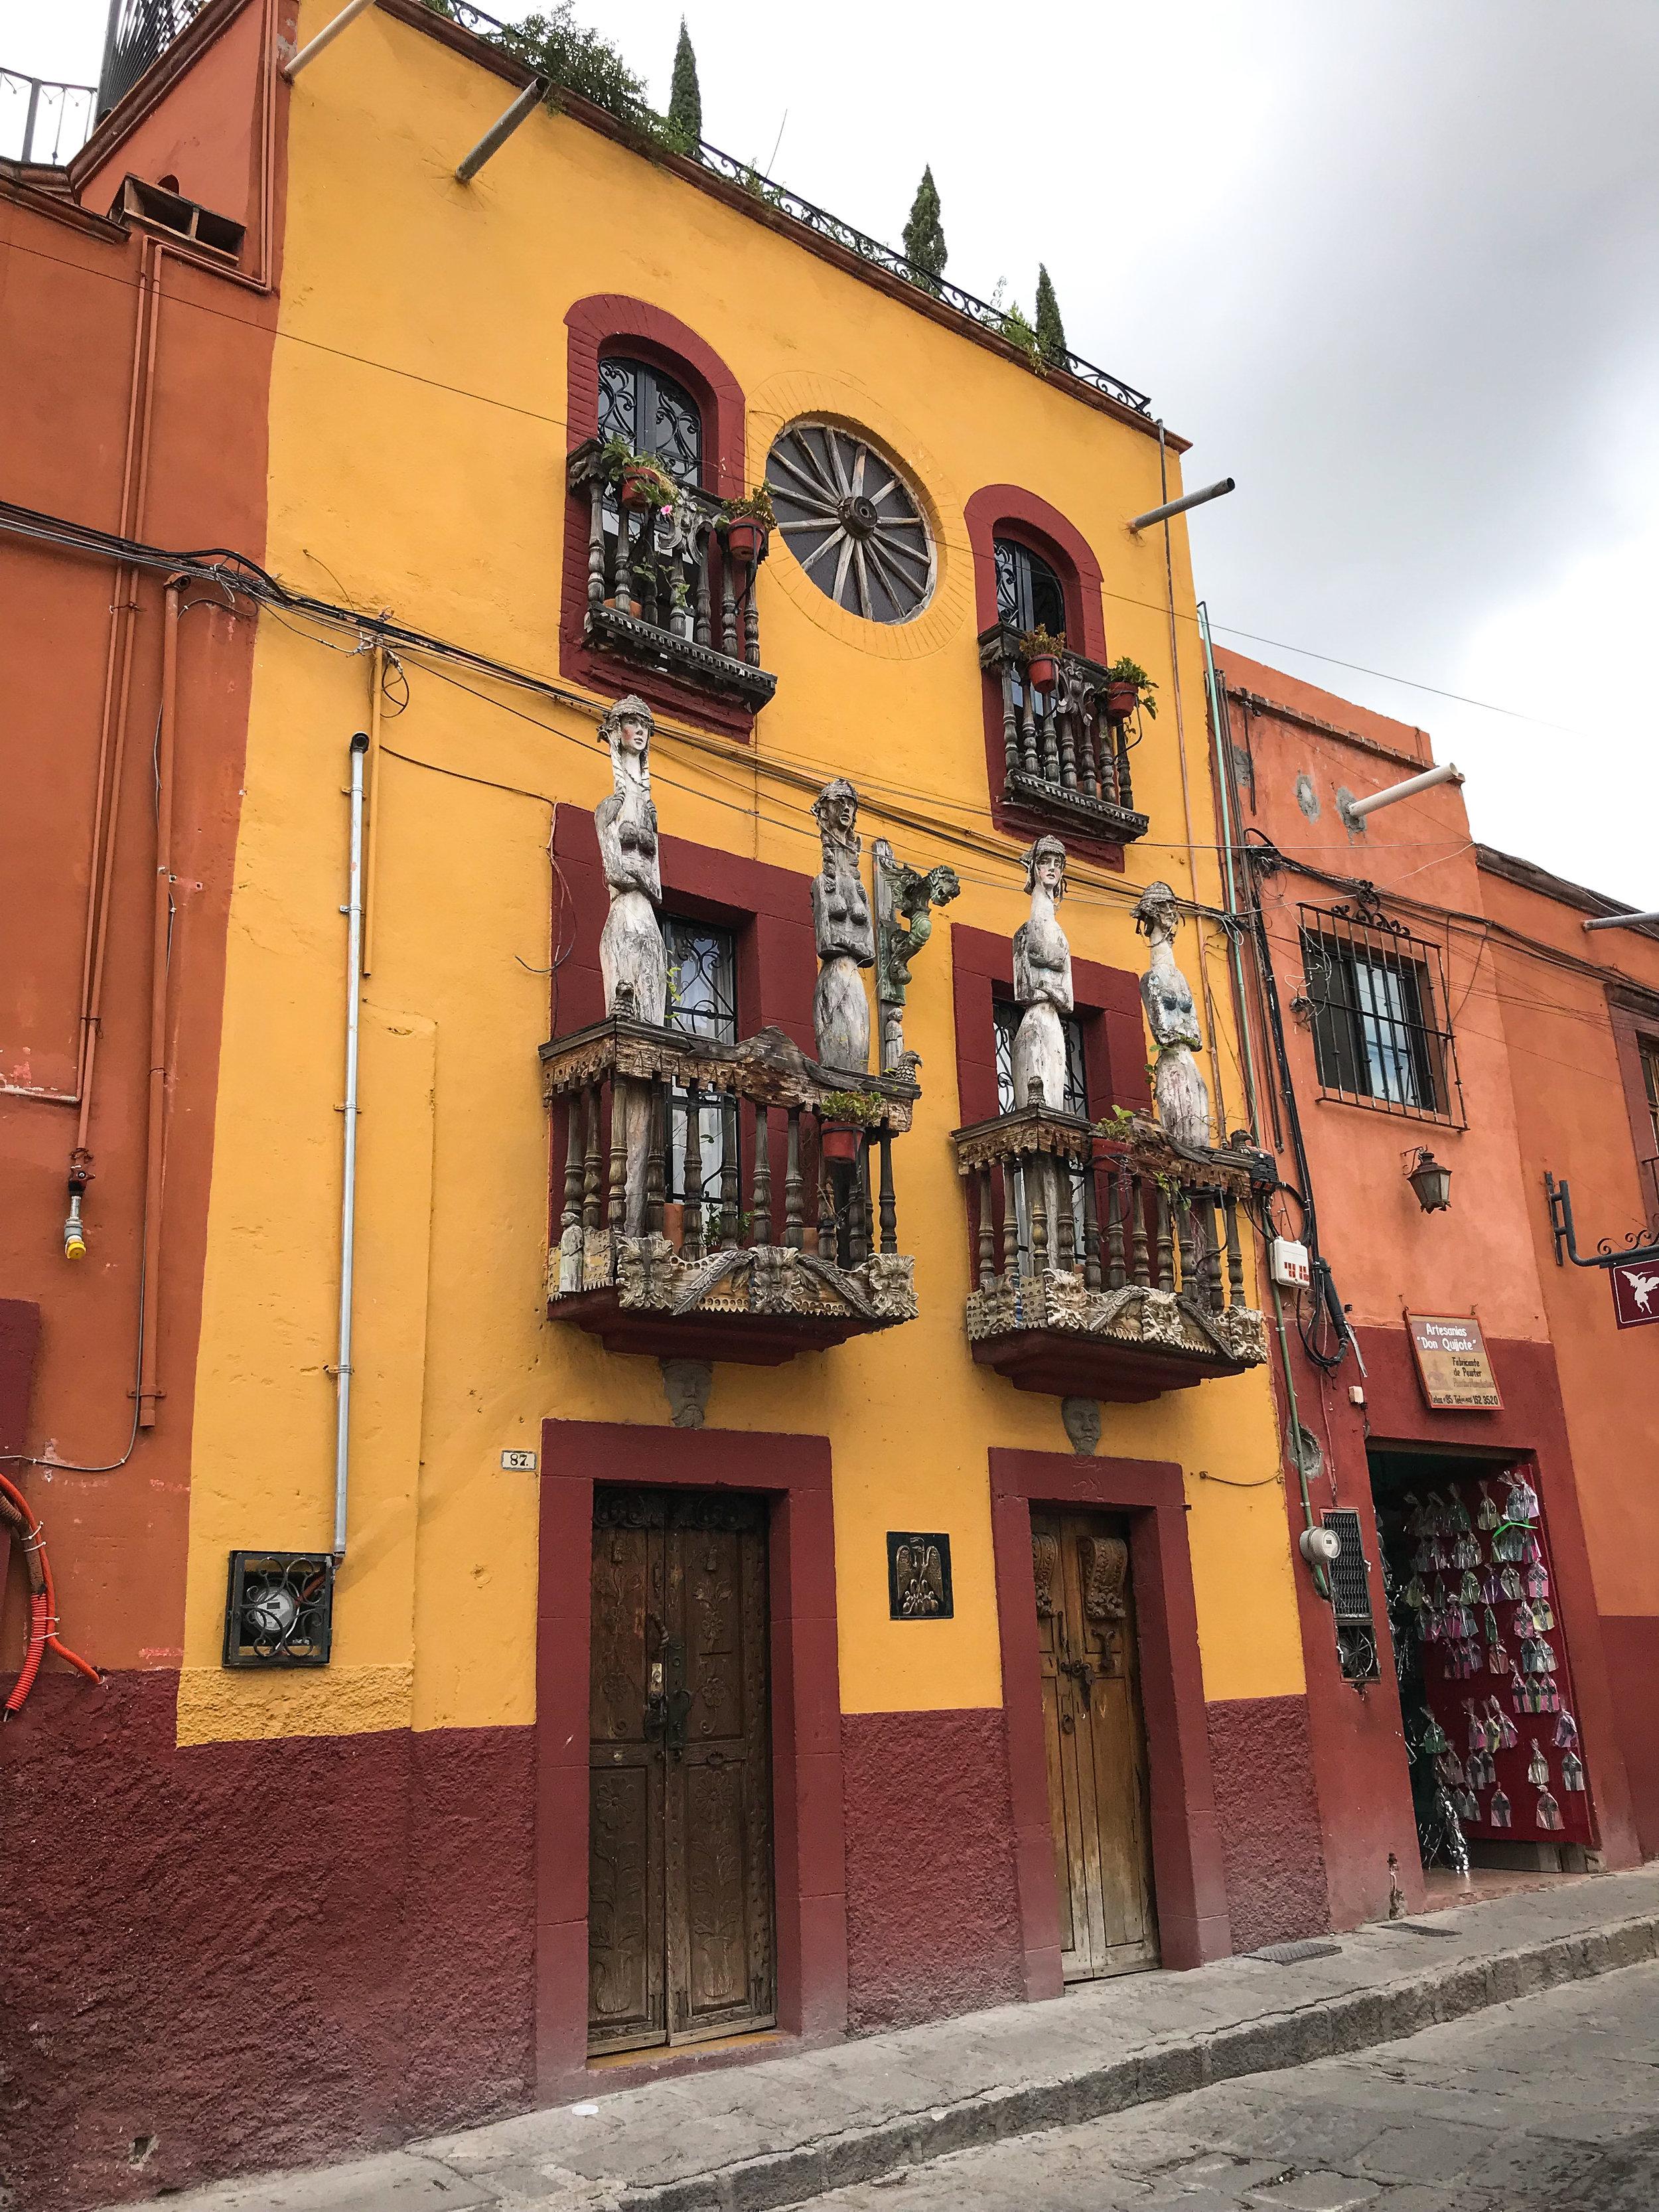 More Balcony decorations in Door in San Miguel de Allende, Guanajuato, Mexico.